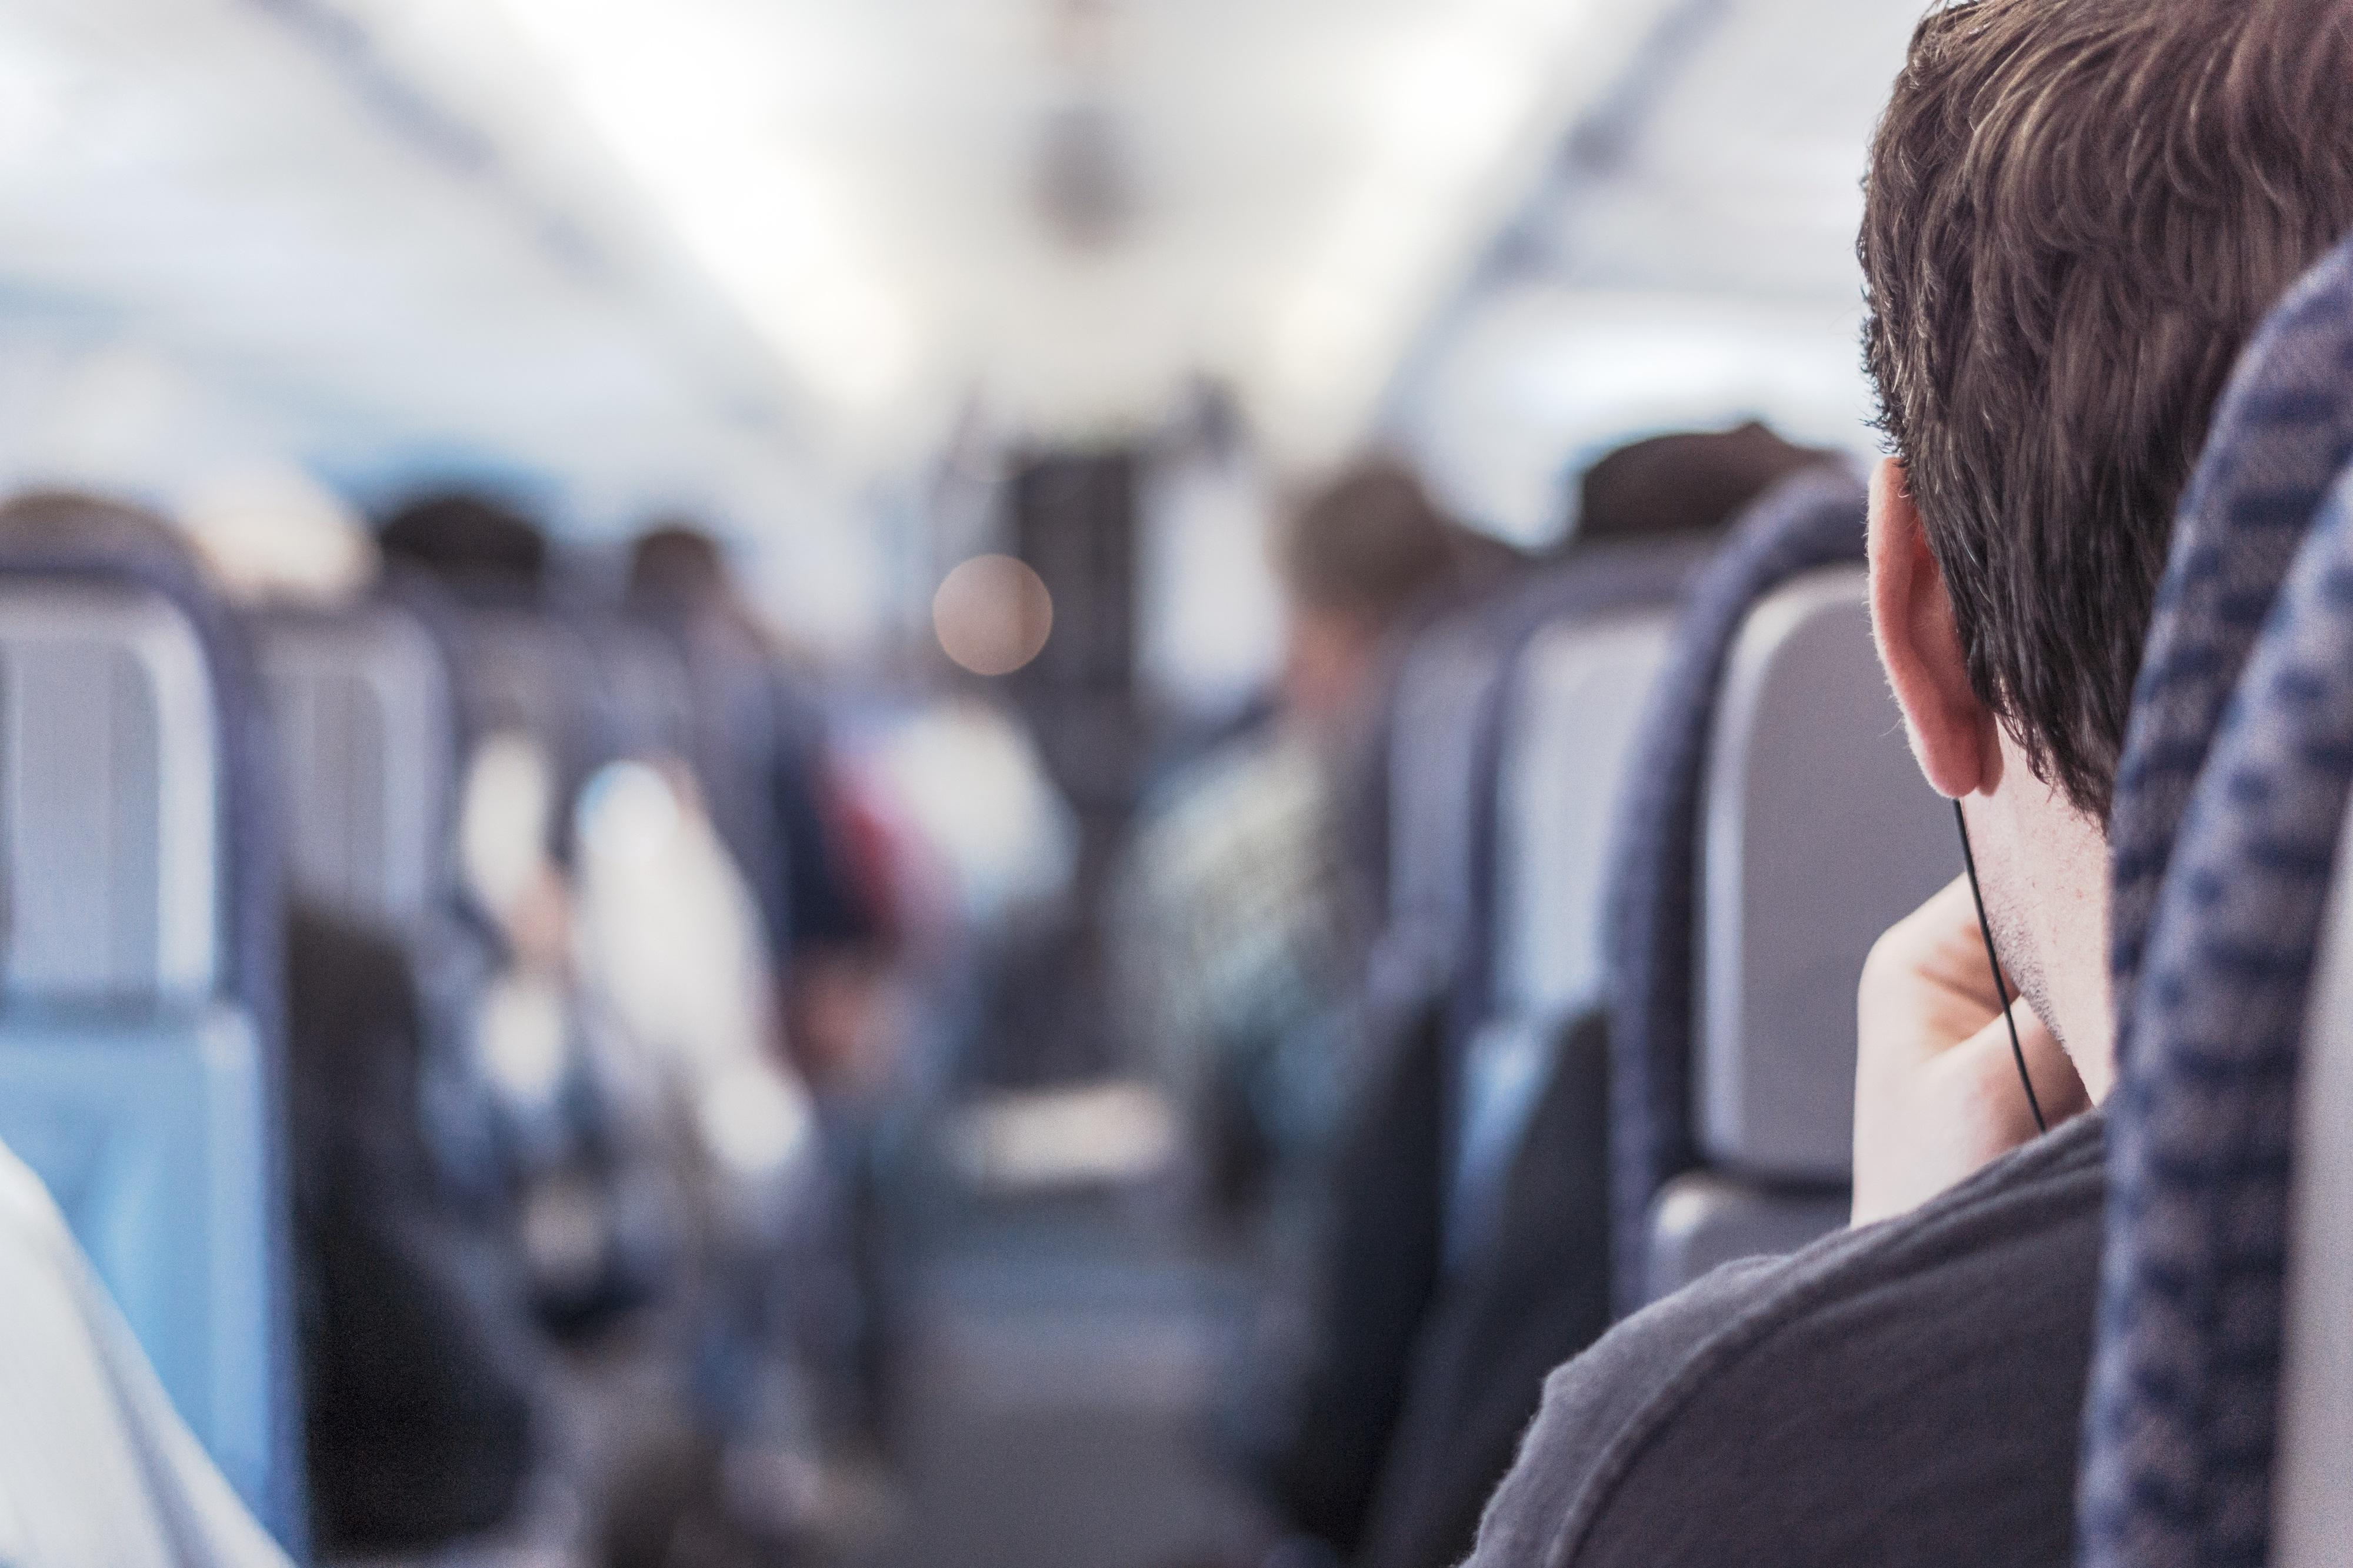 'Top secret'. Colaboradores de companhias aéreas dão dicas sob anonimato